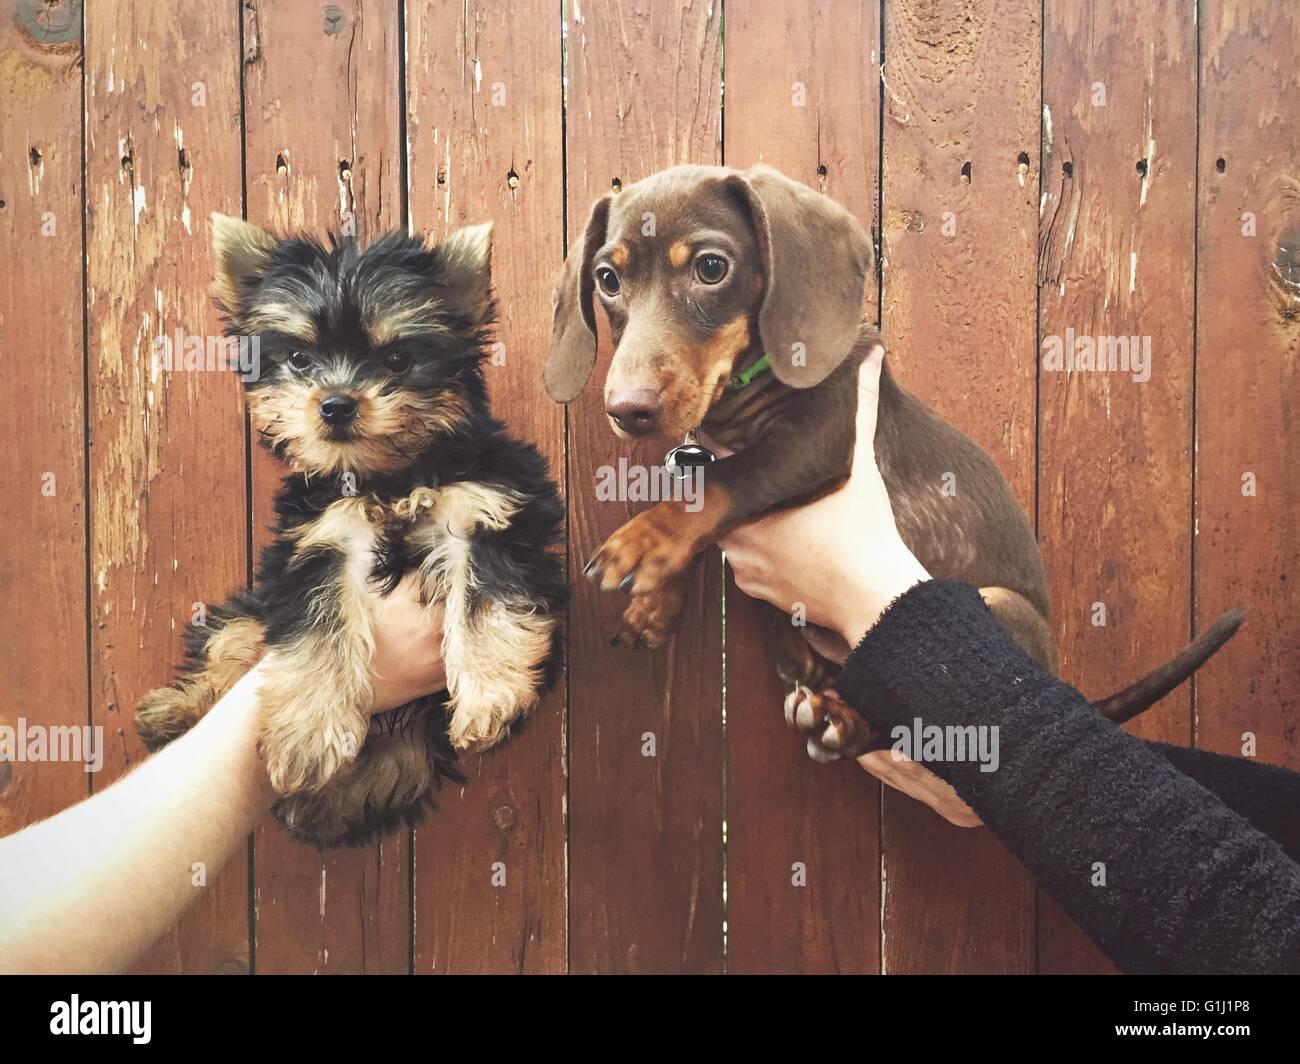 Derechos manos sosteniendo dos cachorros Imagen De Stock